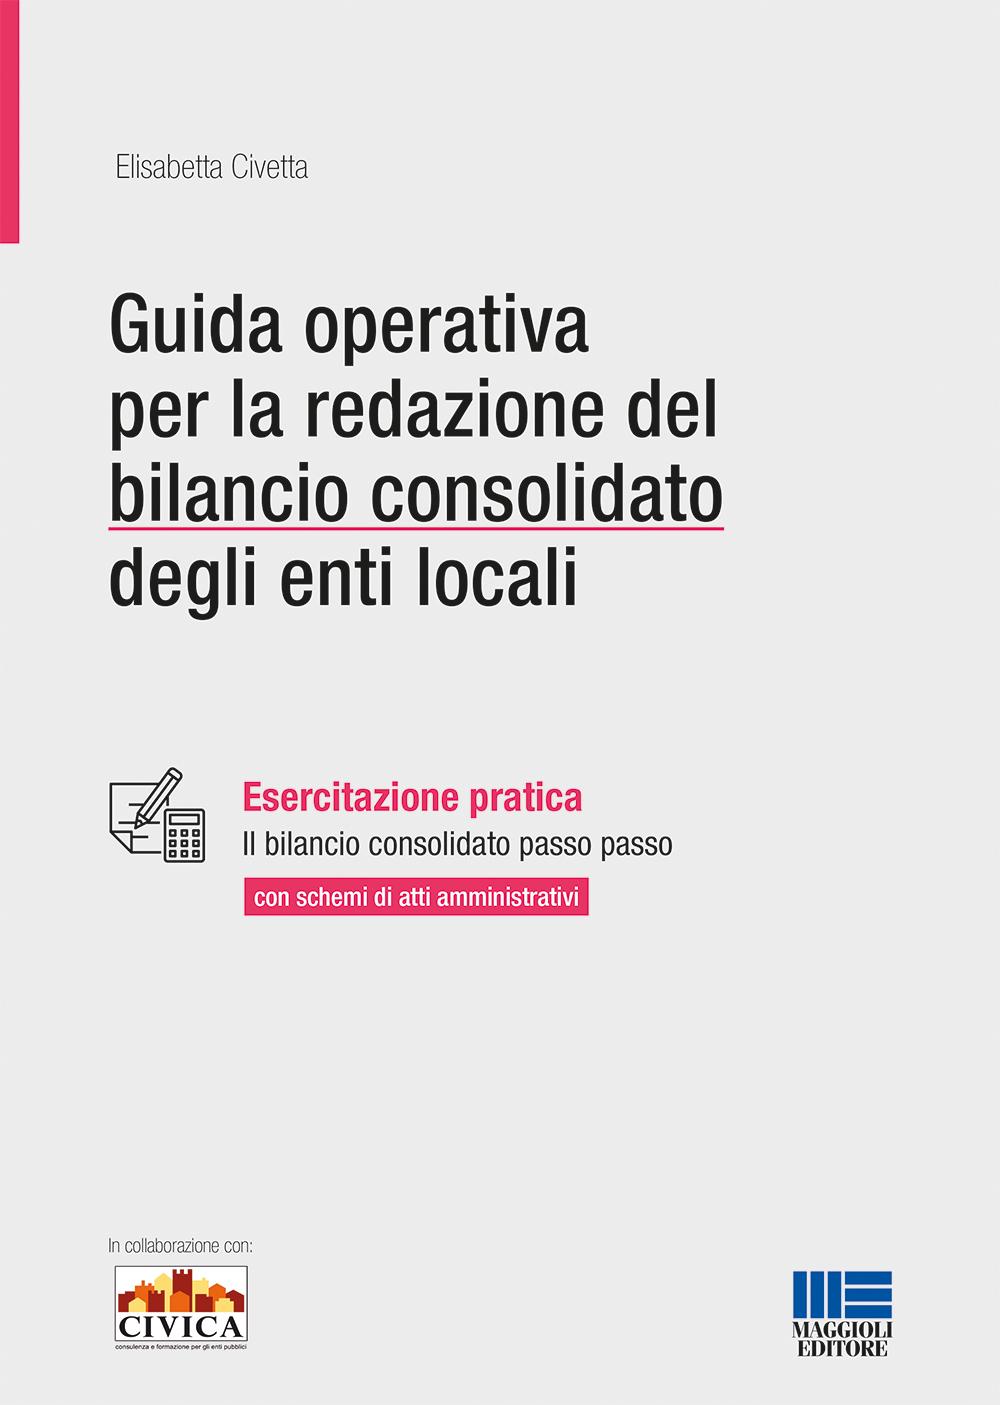 Guida operativa per la redazione del bilancio consolidato degli enti locali